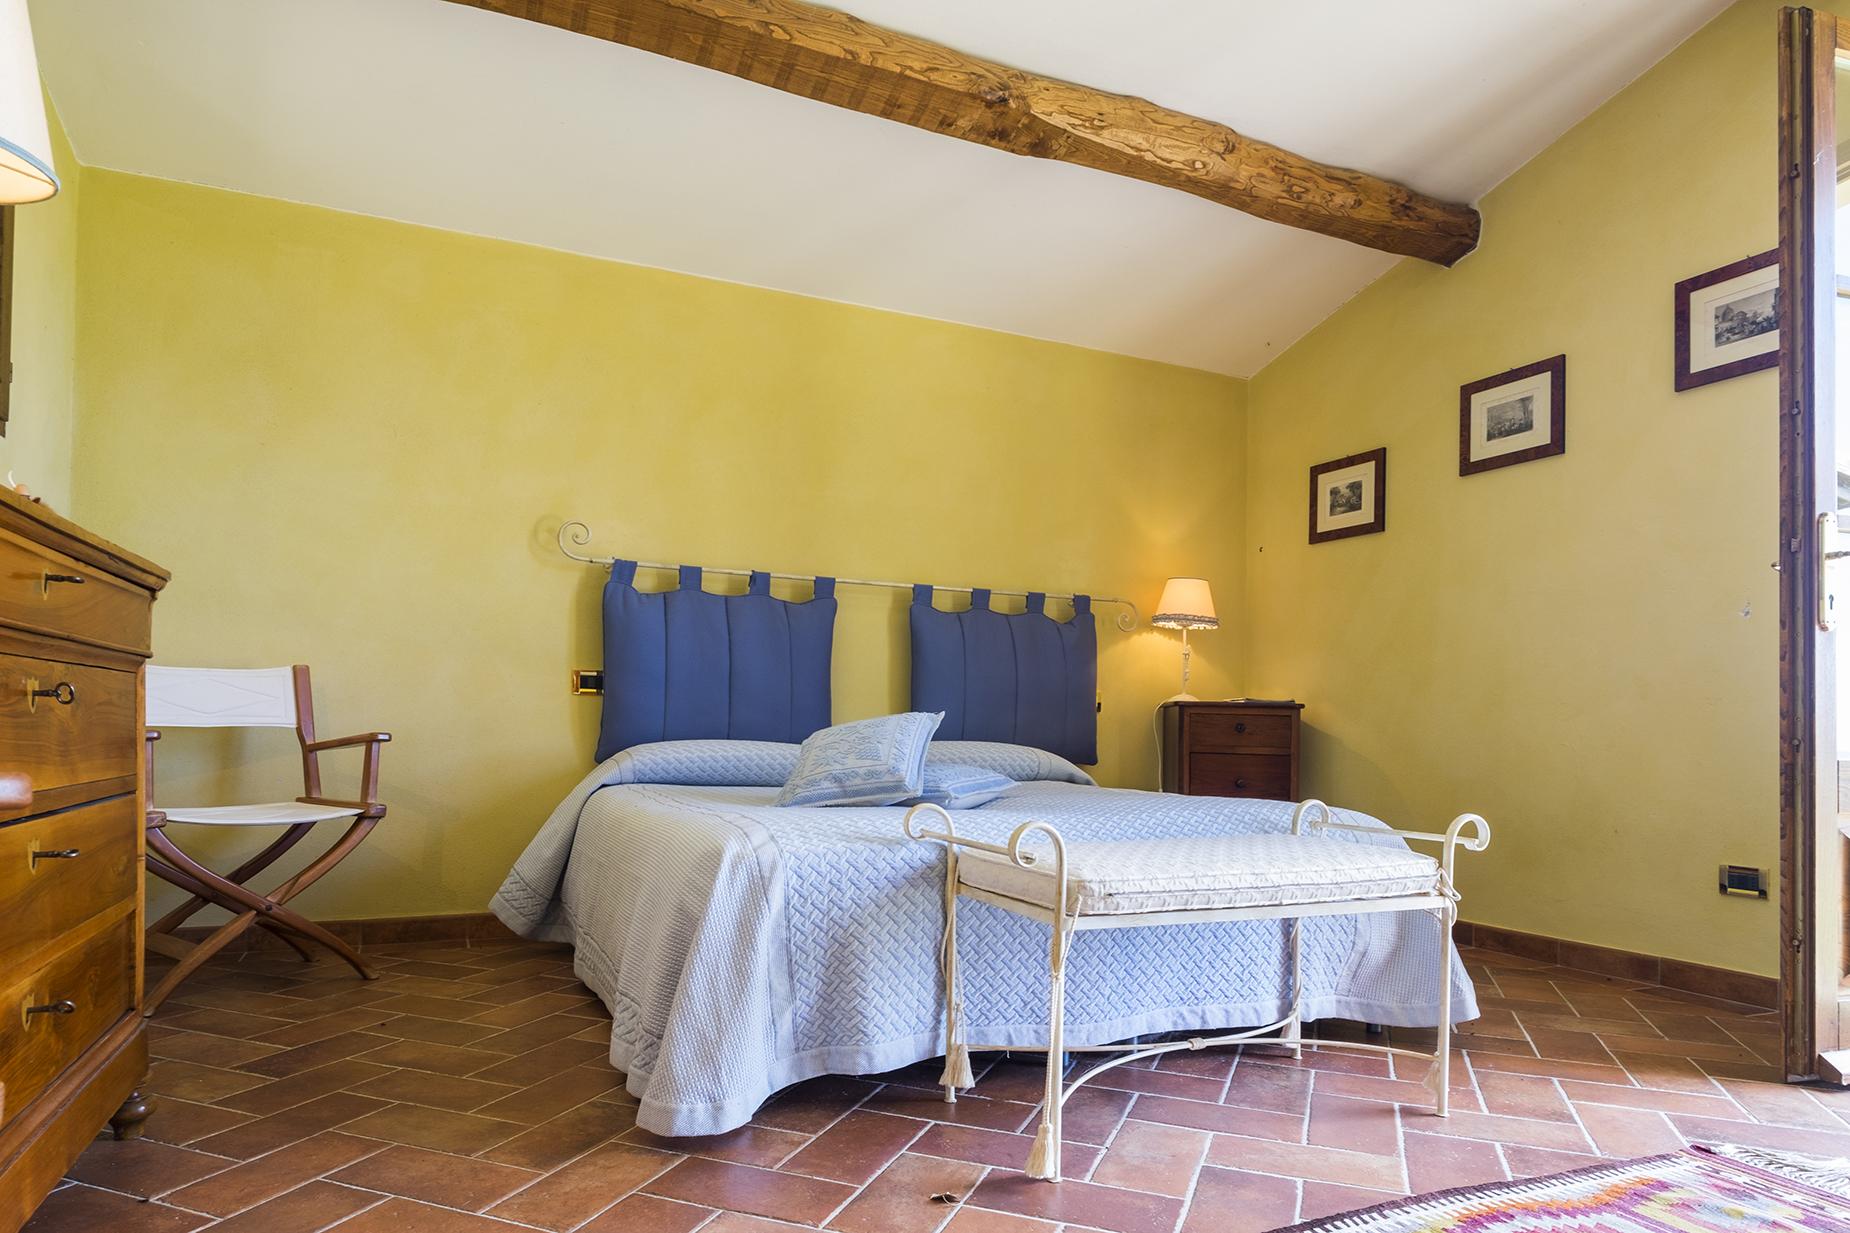 Rustico in Vendita a Magliano In Toscana: 5 locali, 320 mq - Foto 19